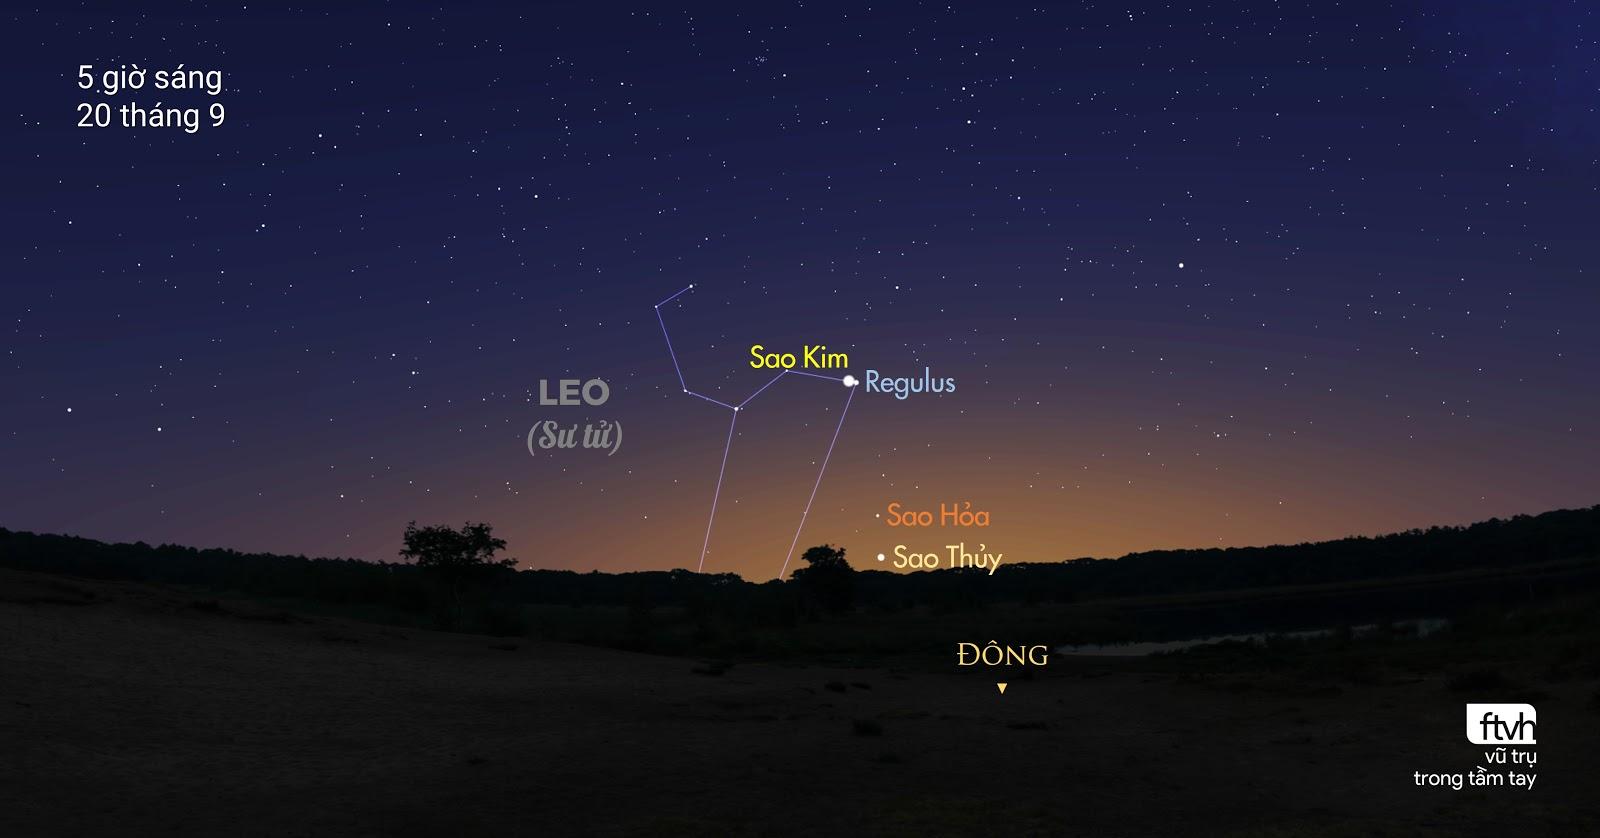 Đây là tất cả những gì bạn sẽ quan sát được vào sáng sớm ngày mai, và là nội dung của bài viết này đấy. Sao Kim giao hội cùng sao Regulus, cũng như Sao Hỏa và Sao Thủy nằm thấp ở gần chân trời.